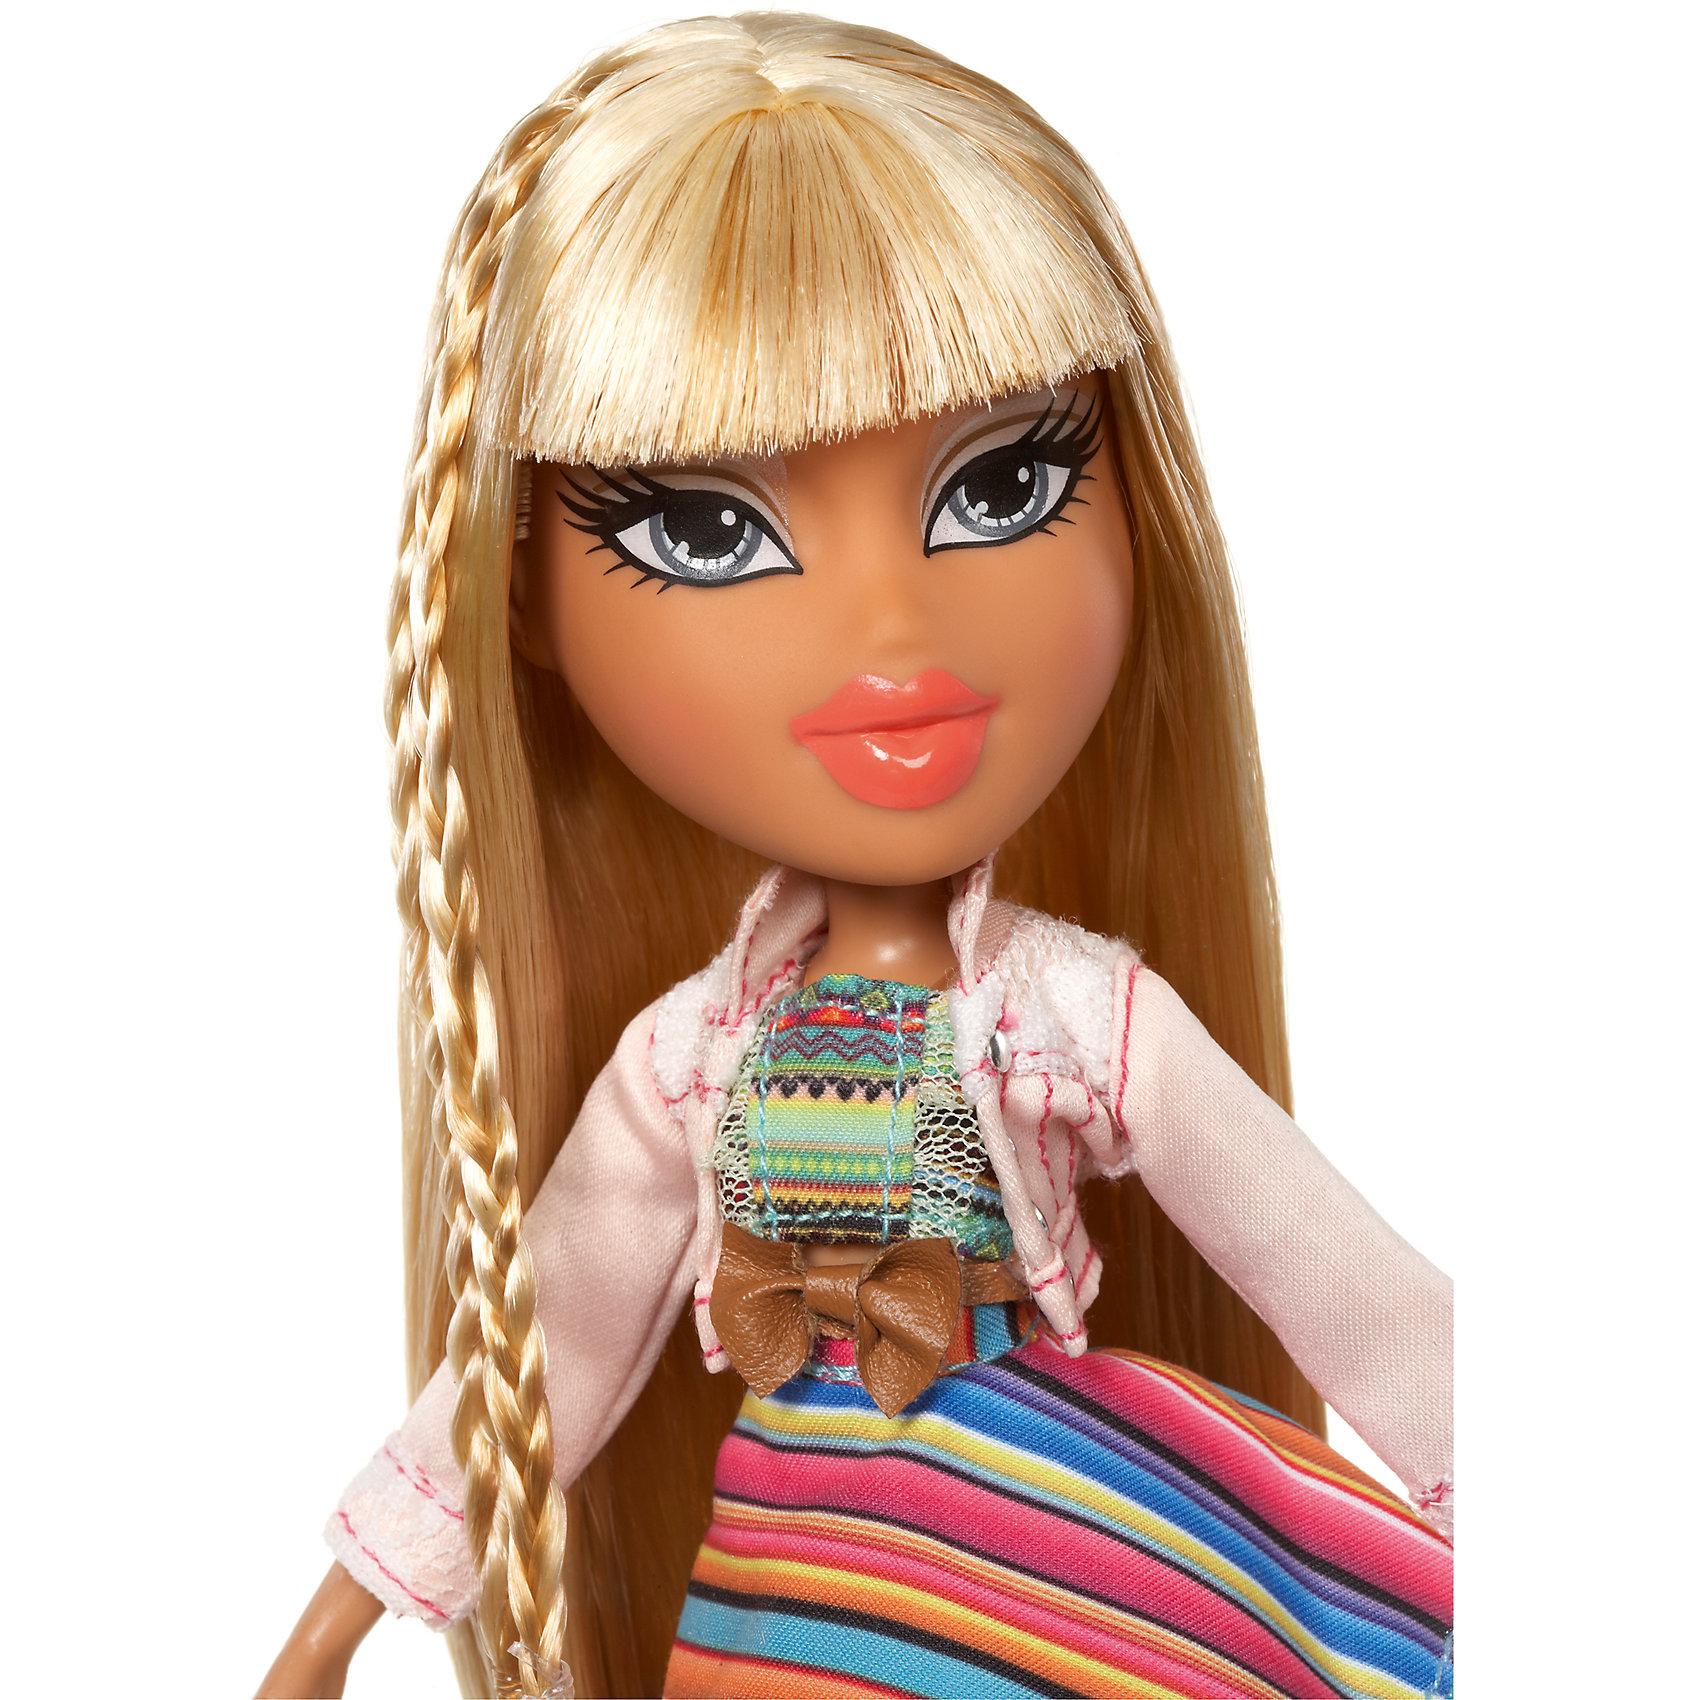 Кукла делюкс Рая, В путешествии, BratzКуклы-модели<br>Характеристики товара:<br><br>- цвет: разноцветный;<br>- материал: пластик, текстиль;<br>- тематика: путешествие по Мексике;<br>- особенности: руки и ноги сгибаются;<br>- комплектация: кукла, два набора одежды, аксессуары, чемодан;<br>- размер упаковки: 26х32х6 см;<br>- размер куклы: 27 см.<br><br>Такие красивые куклы не оставят ребенка равнодушным! Какая девочка откажется поиграть с куклой Bratz?! Игрушка отлично детализирована, очень качественно выполнена, поэтому она станет отличным подарком ребенку. В наборе идут одежда и аксессуары, которыми можно украсить куклу!<br>Изделие произведено из высококачественного материала, безопасного для детей.<br><br>Куклу делюкс Рая, В путешествии от бренда Bratz можно купить в нашем интернет-магазине.<br><br>Ширина мм: 260<br>Глубина мм: 320<br>Высота мм: 60<br>Вес г: 540<br>Возраст от месяцев: 48<br>Возраст до месяцев: 2147483647<br>Пол: Женский<br>Возраст: Детский<br>SKU: 5040286